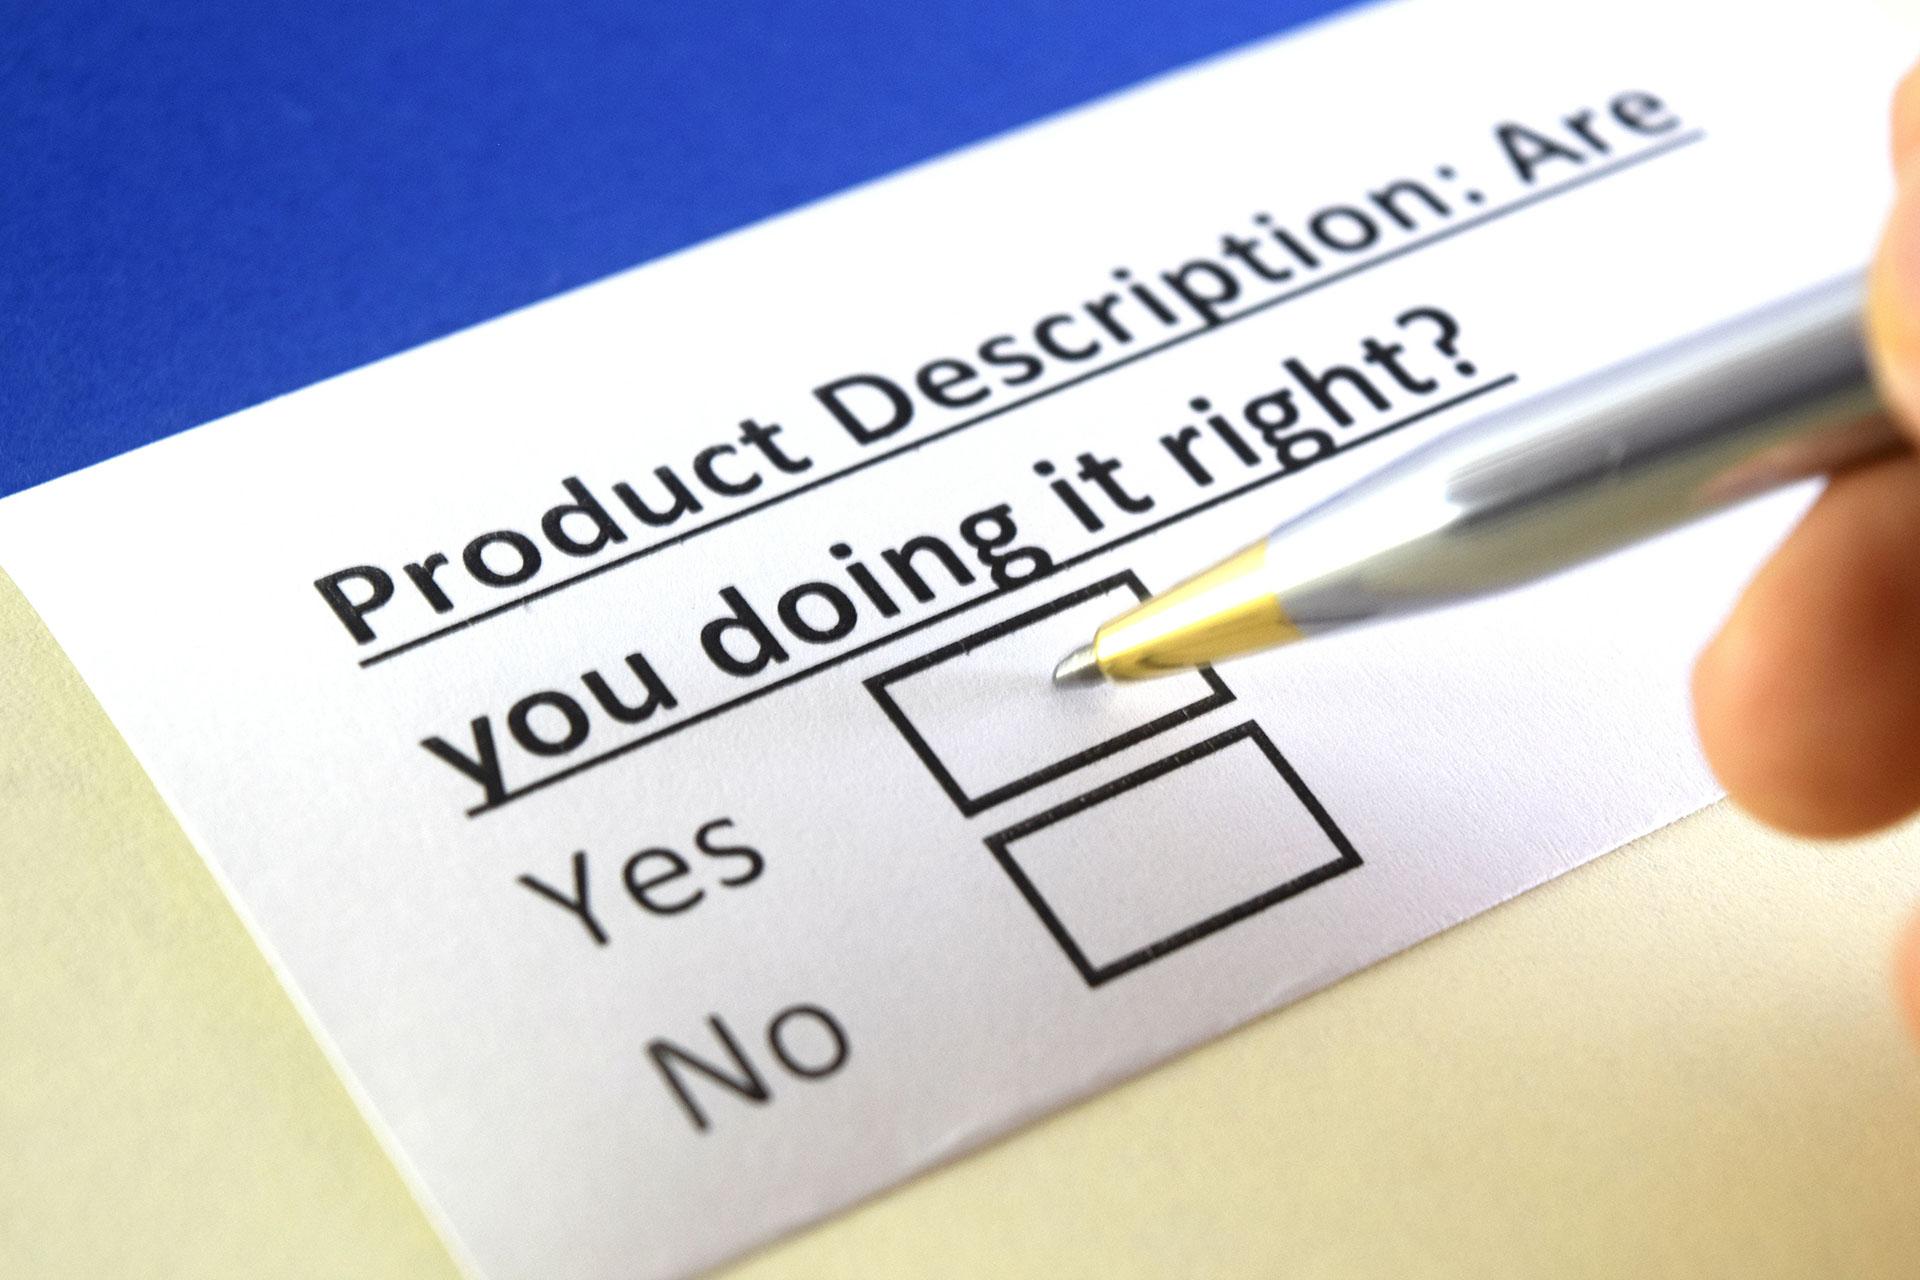 Opisy produktów, które naprawdę sprzedają w internecie – jak je napisać? 4 wskazówki